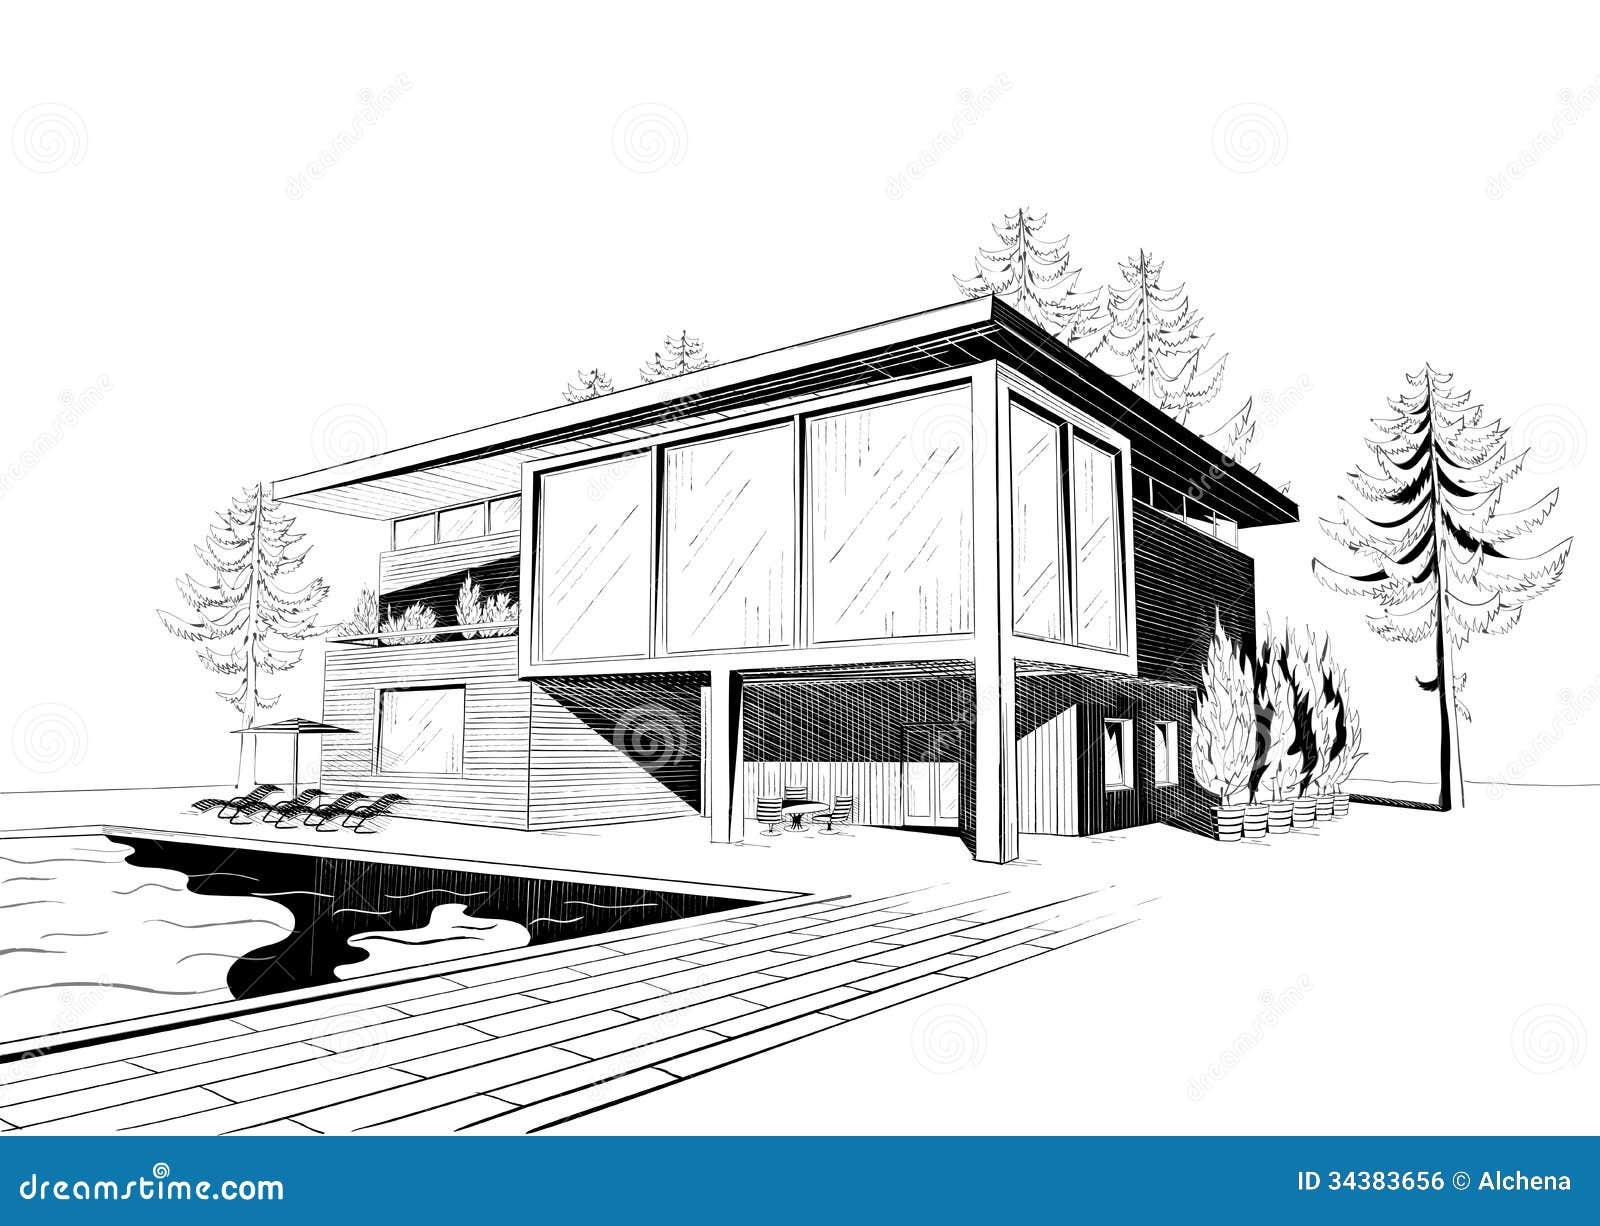 fond de vecteur avec la maison moderne avec la natation illustration de vecteur illustration. Black Bedroom Furniture Sets. Home Design Ideas